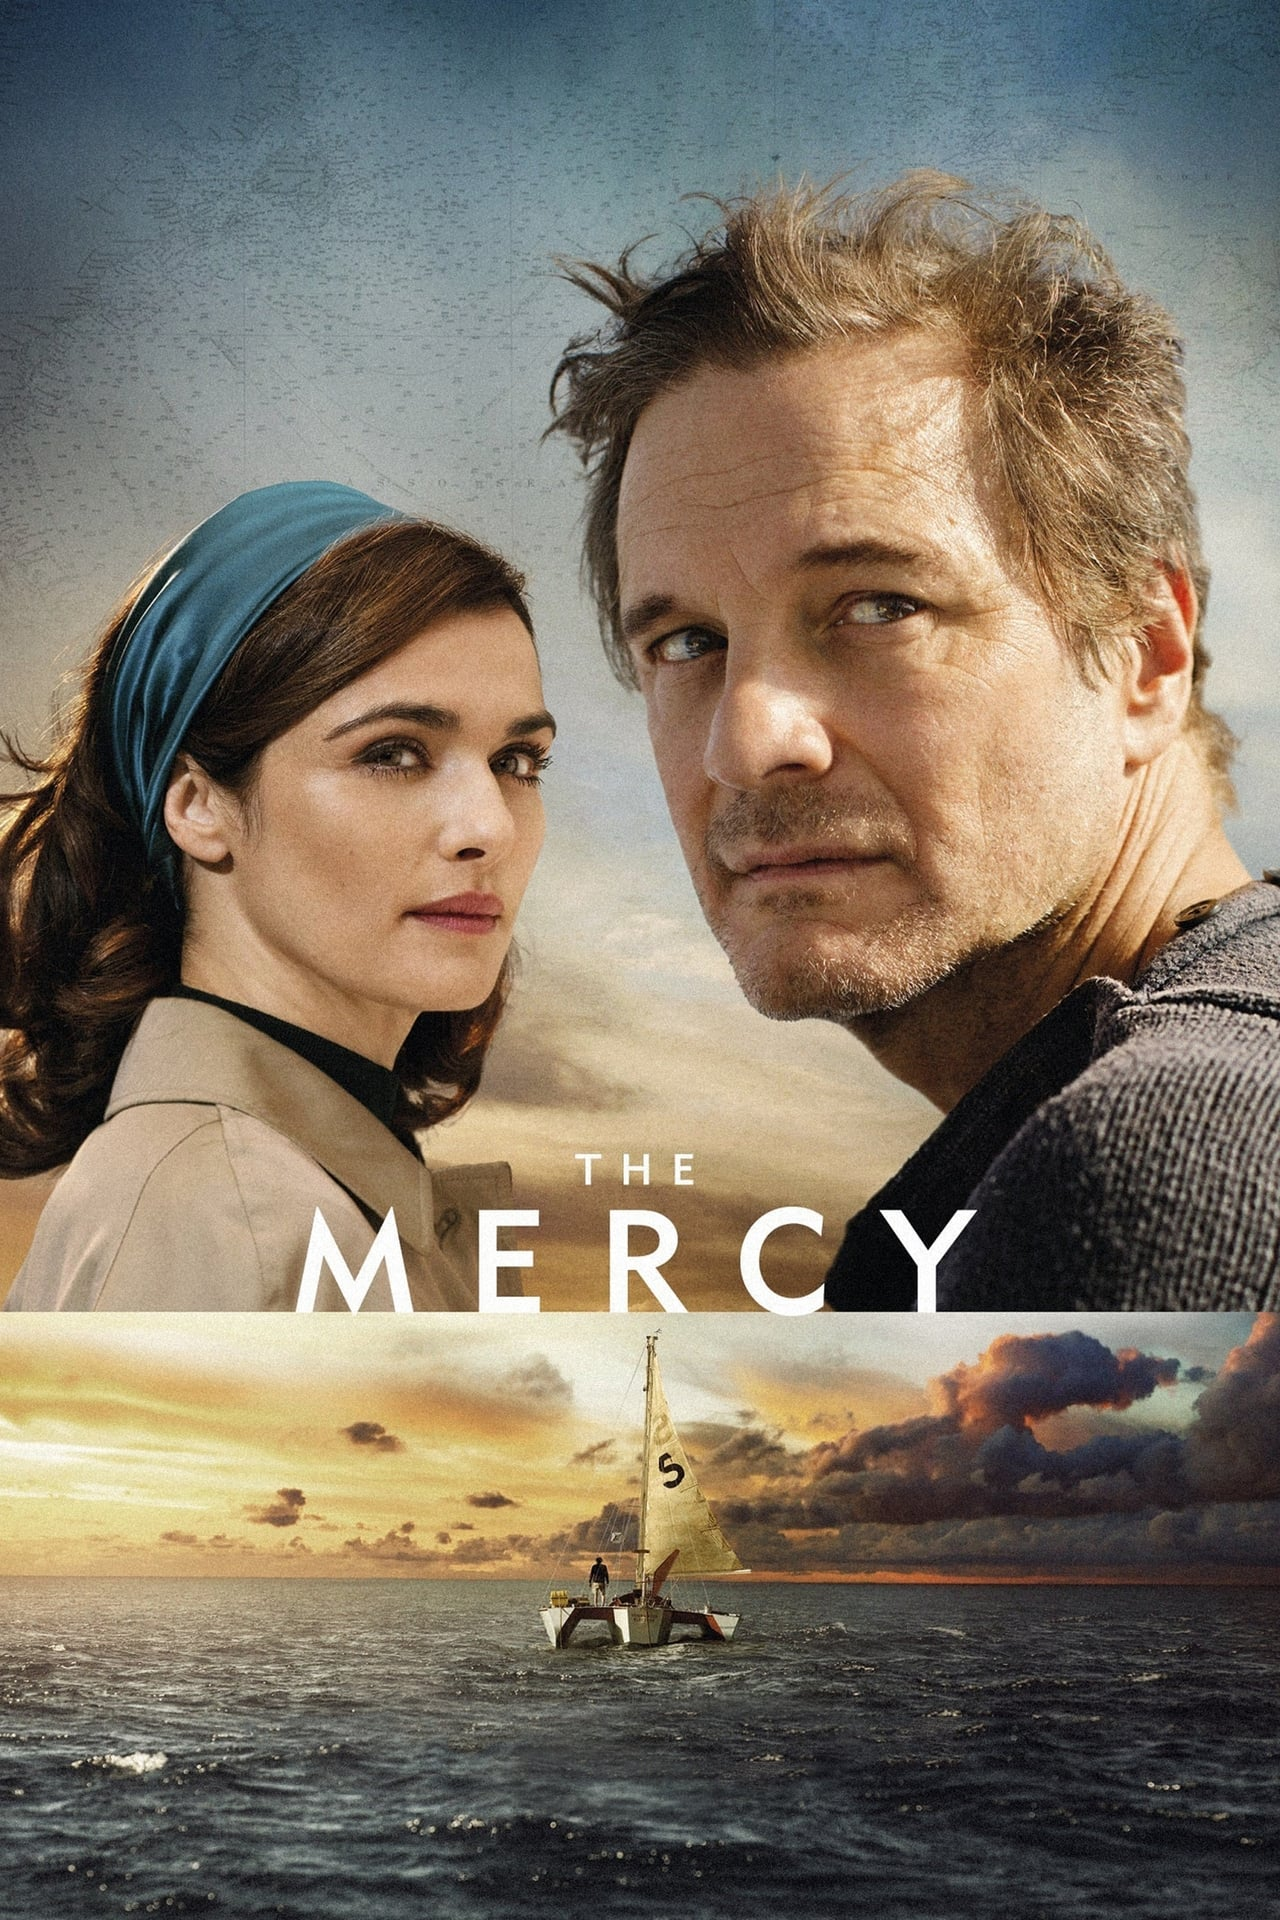 The Mercy